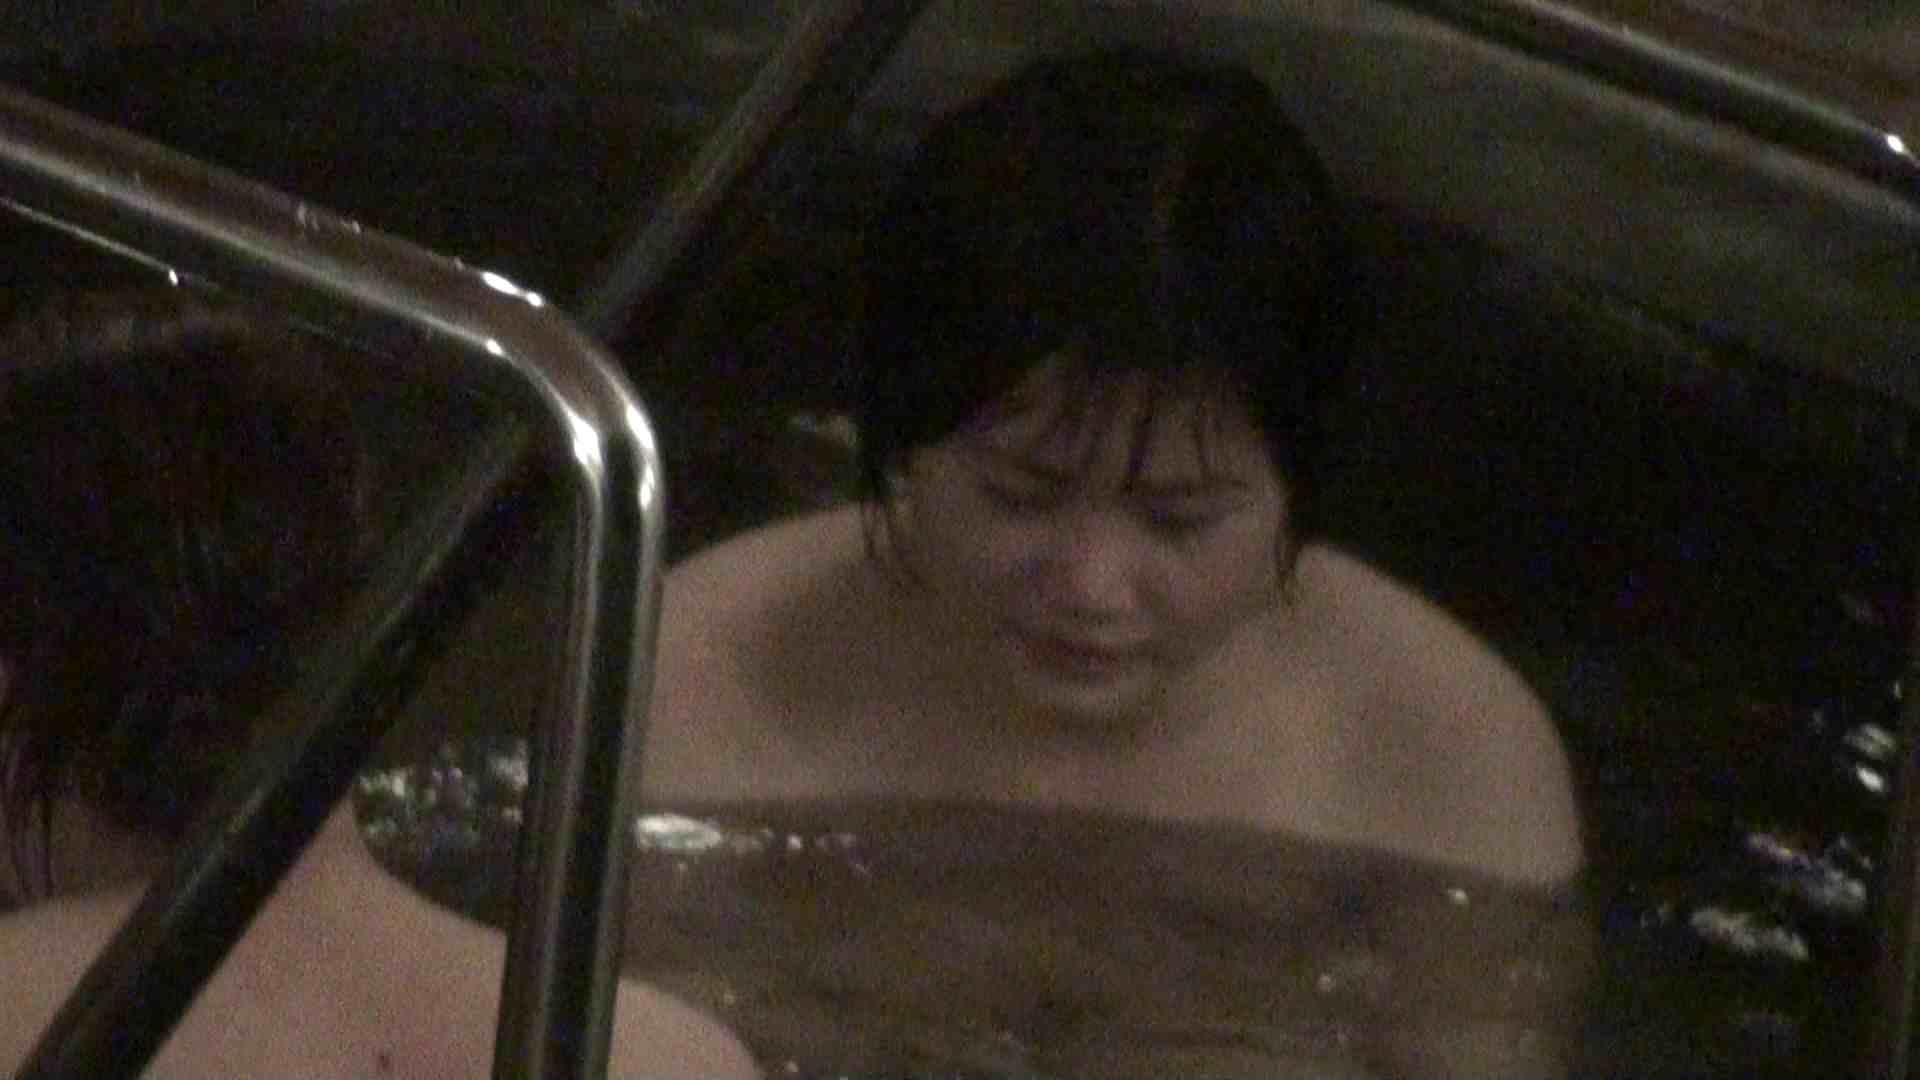 Aquaな露天風呂Vol.384 盗撮シリーズ  113PIX 30